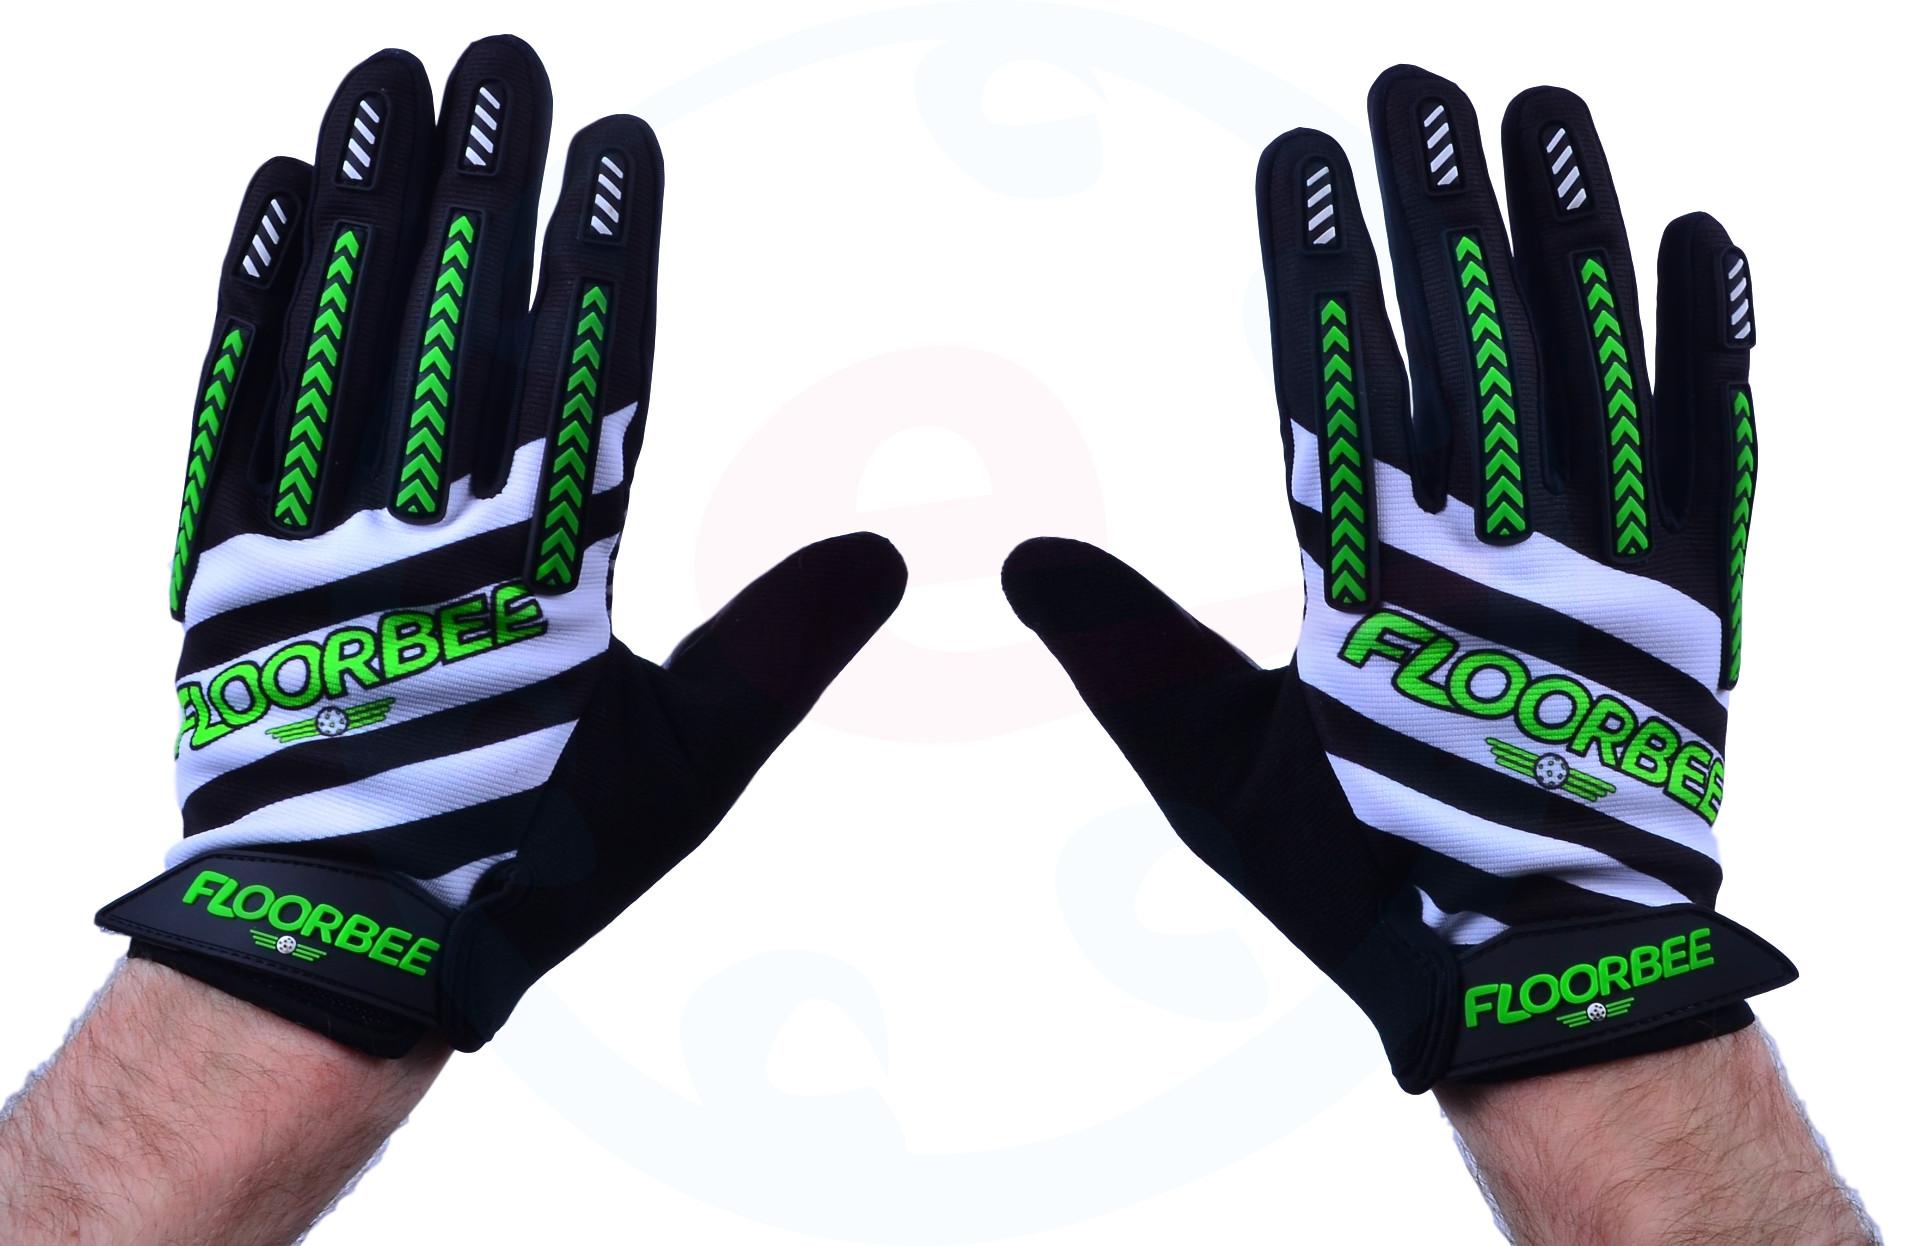 07cc7ed79d8 FLOORBEE Stronghold 2.0 Florbalové brankářské rukavice